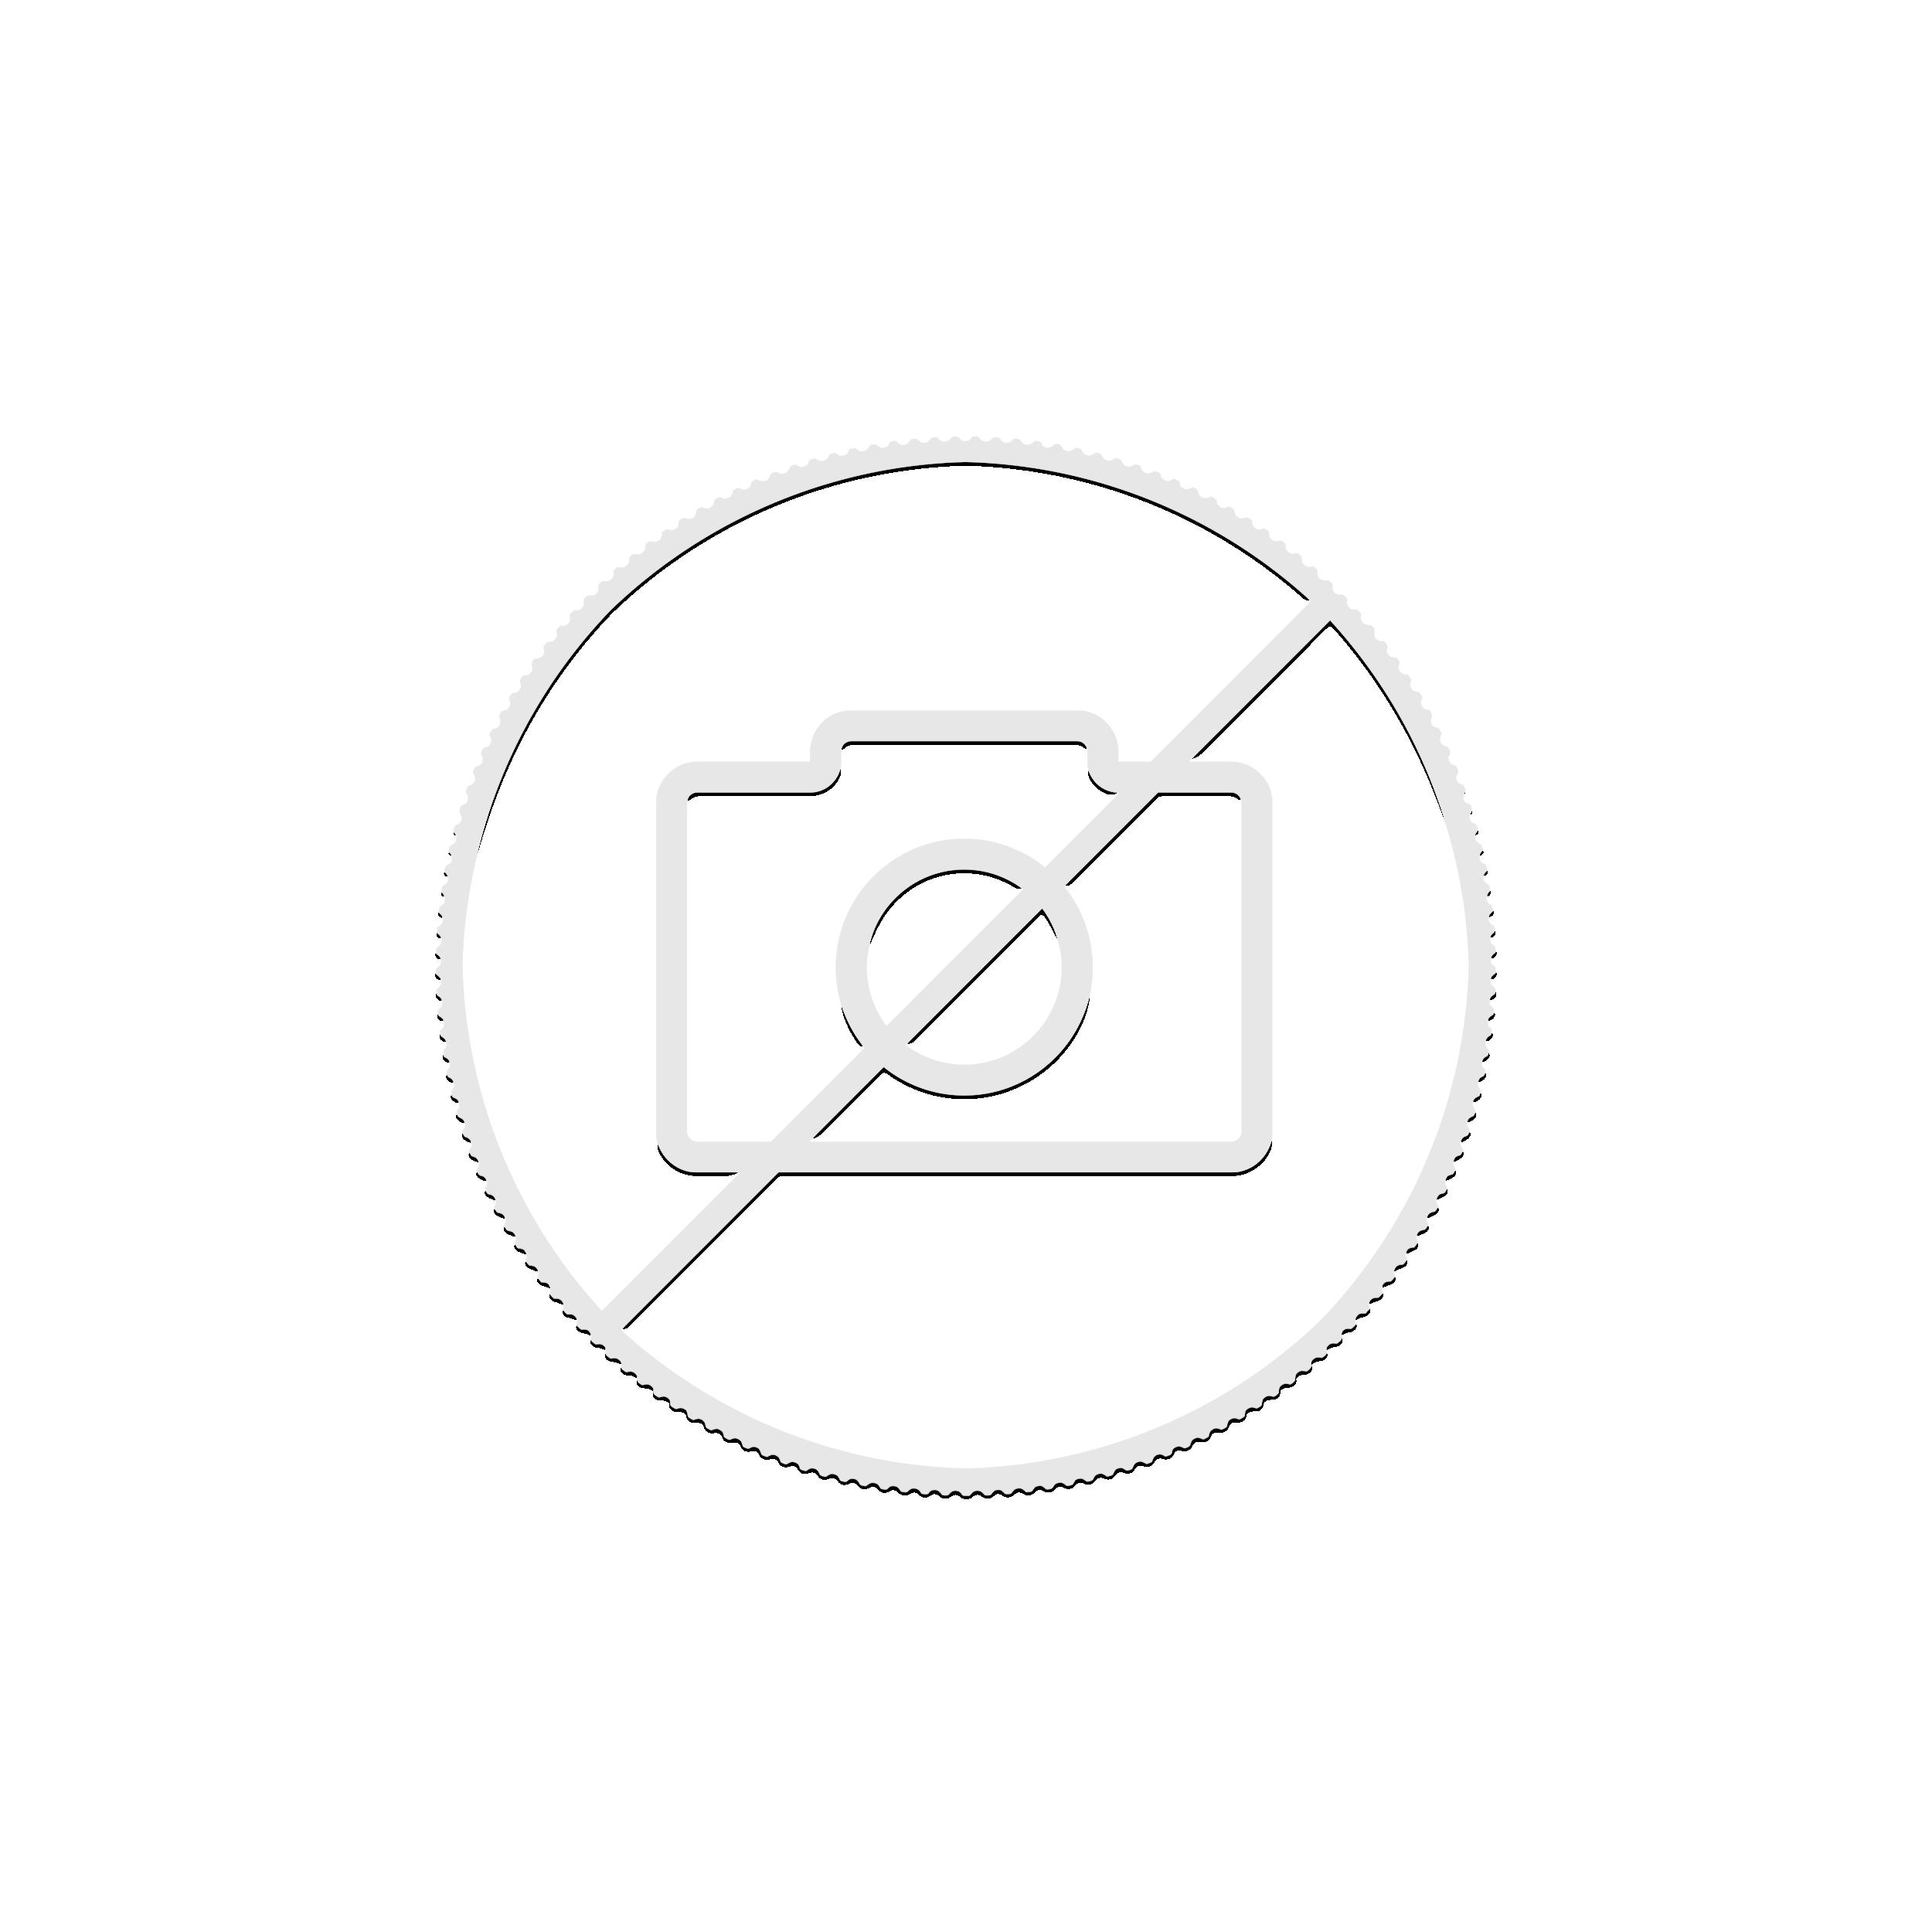 Zilveren Kookaburra munt 10 troy ounce zilver 2018